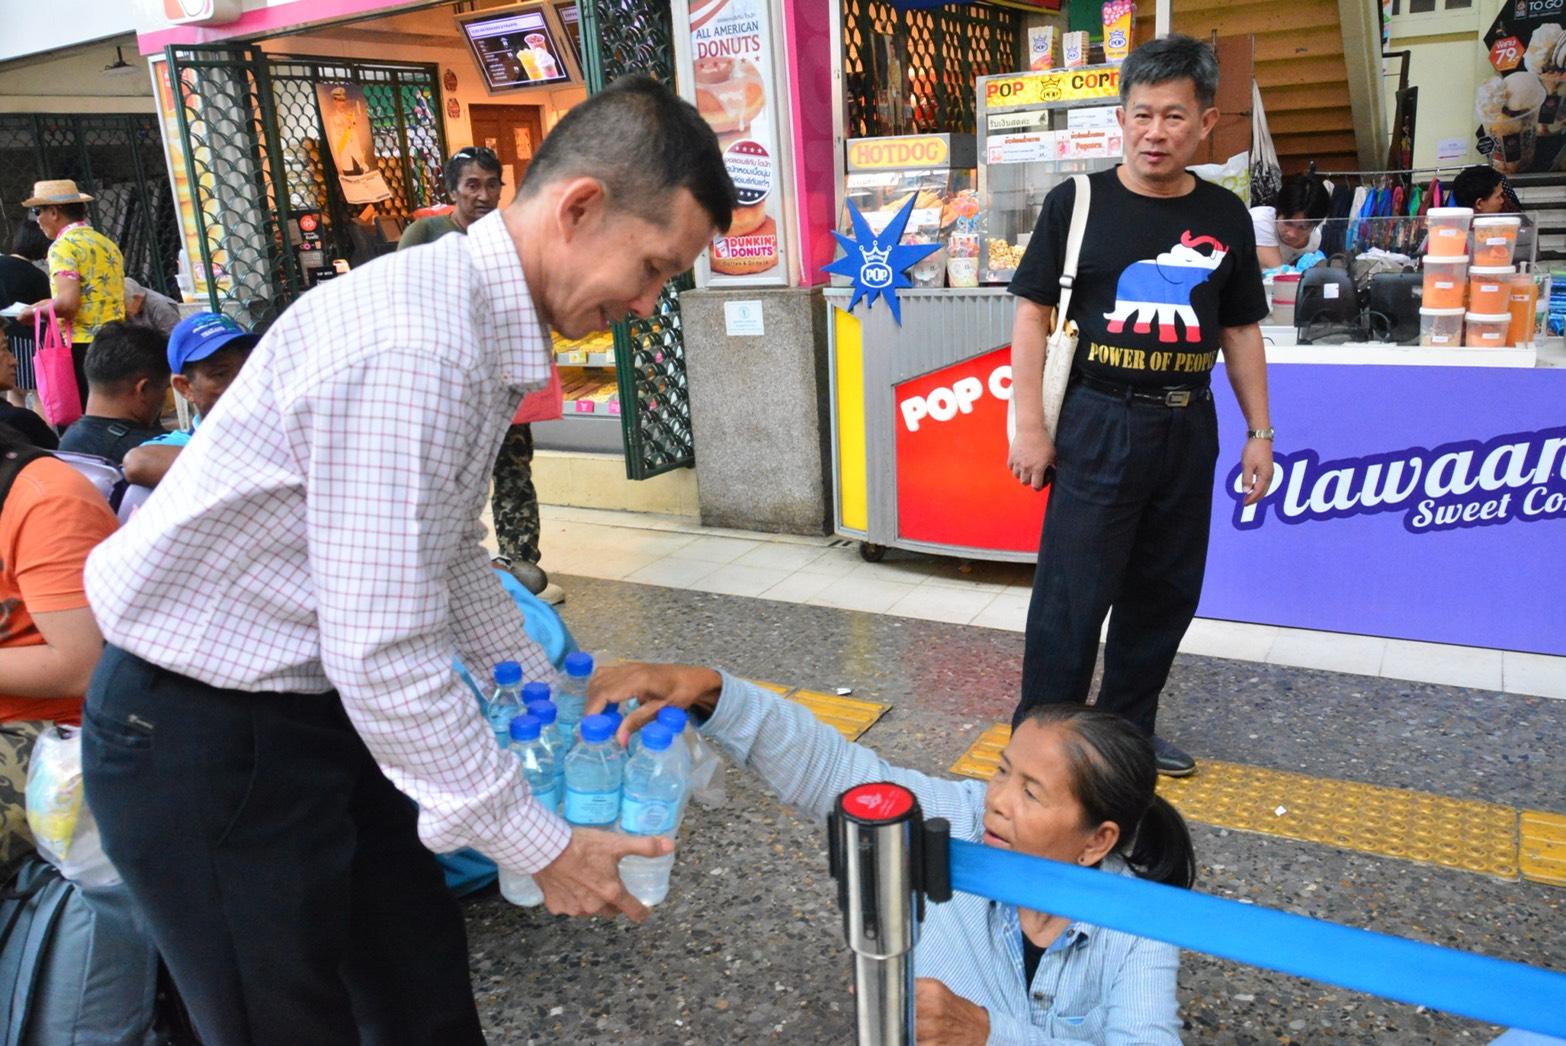 ร่วมส่งแรงงานไทยกลับบ้านช่วงเทศกาลสงกรานต์ ตามโครงการส่งแรงงานไทยกลับบ้านช่วงเทศกาลสงกรานต์ ประจำปี 2561 ซึ่งสำนักงานจัดหางานกรุงเทพมหานครพื้นที่ 1 จัดขึ้น ณ สถานีรถไฟกรุงเทพฯ หัวลำโพง กรุงเทพมหานคร